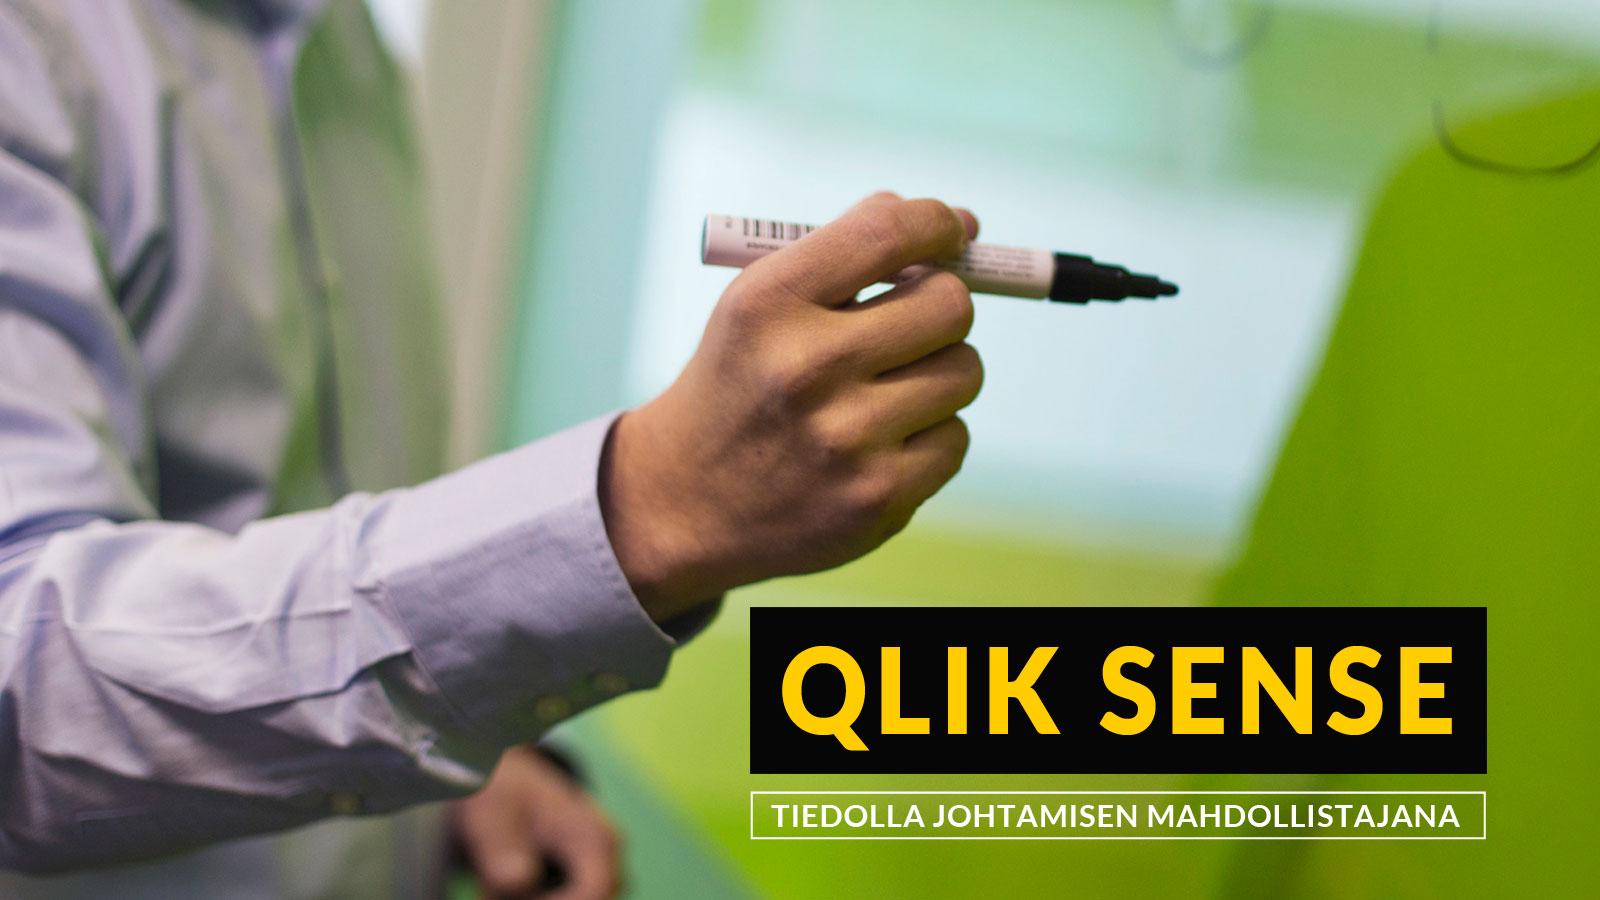 blogi-qlik-sense-1600x900.jpg